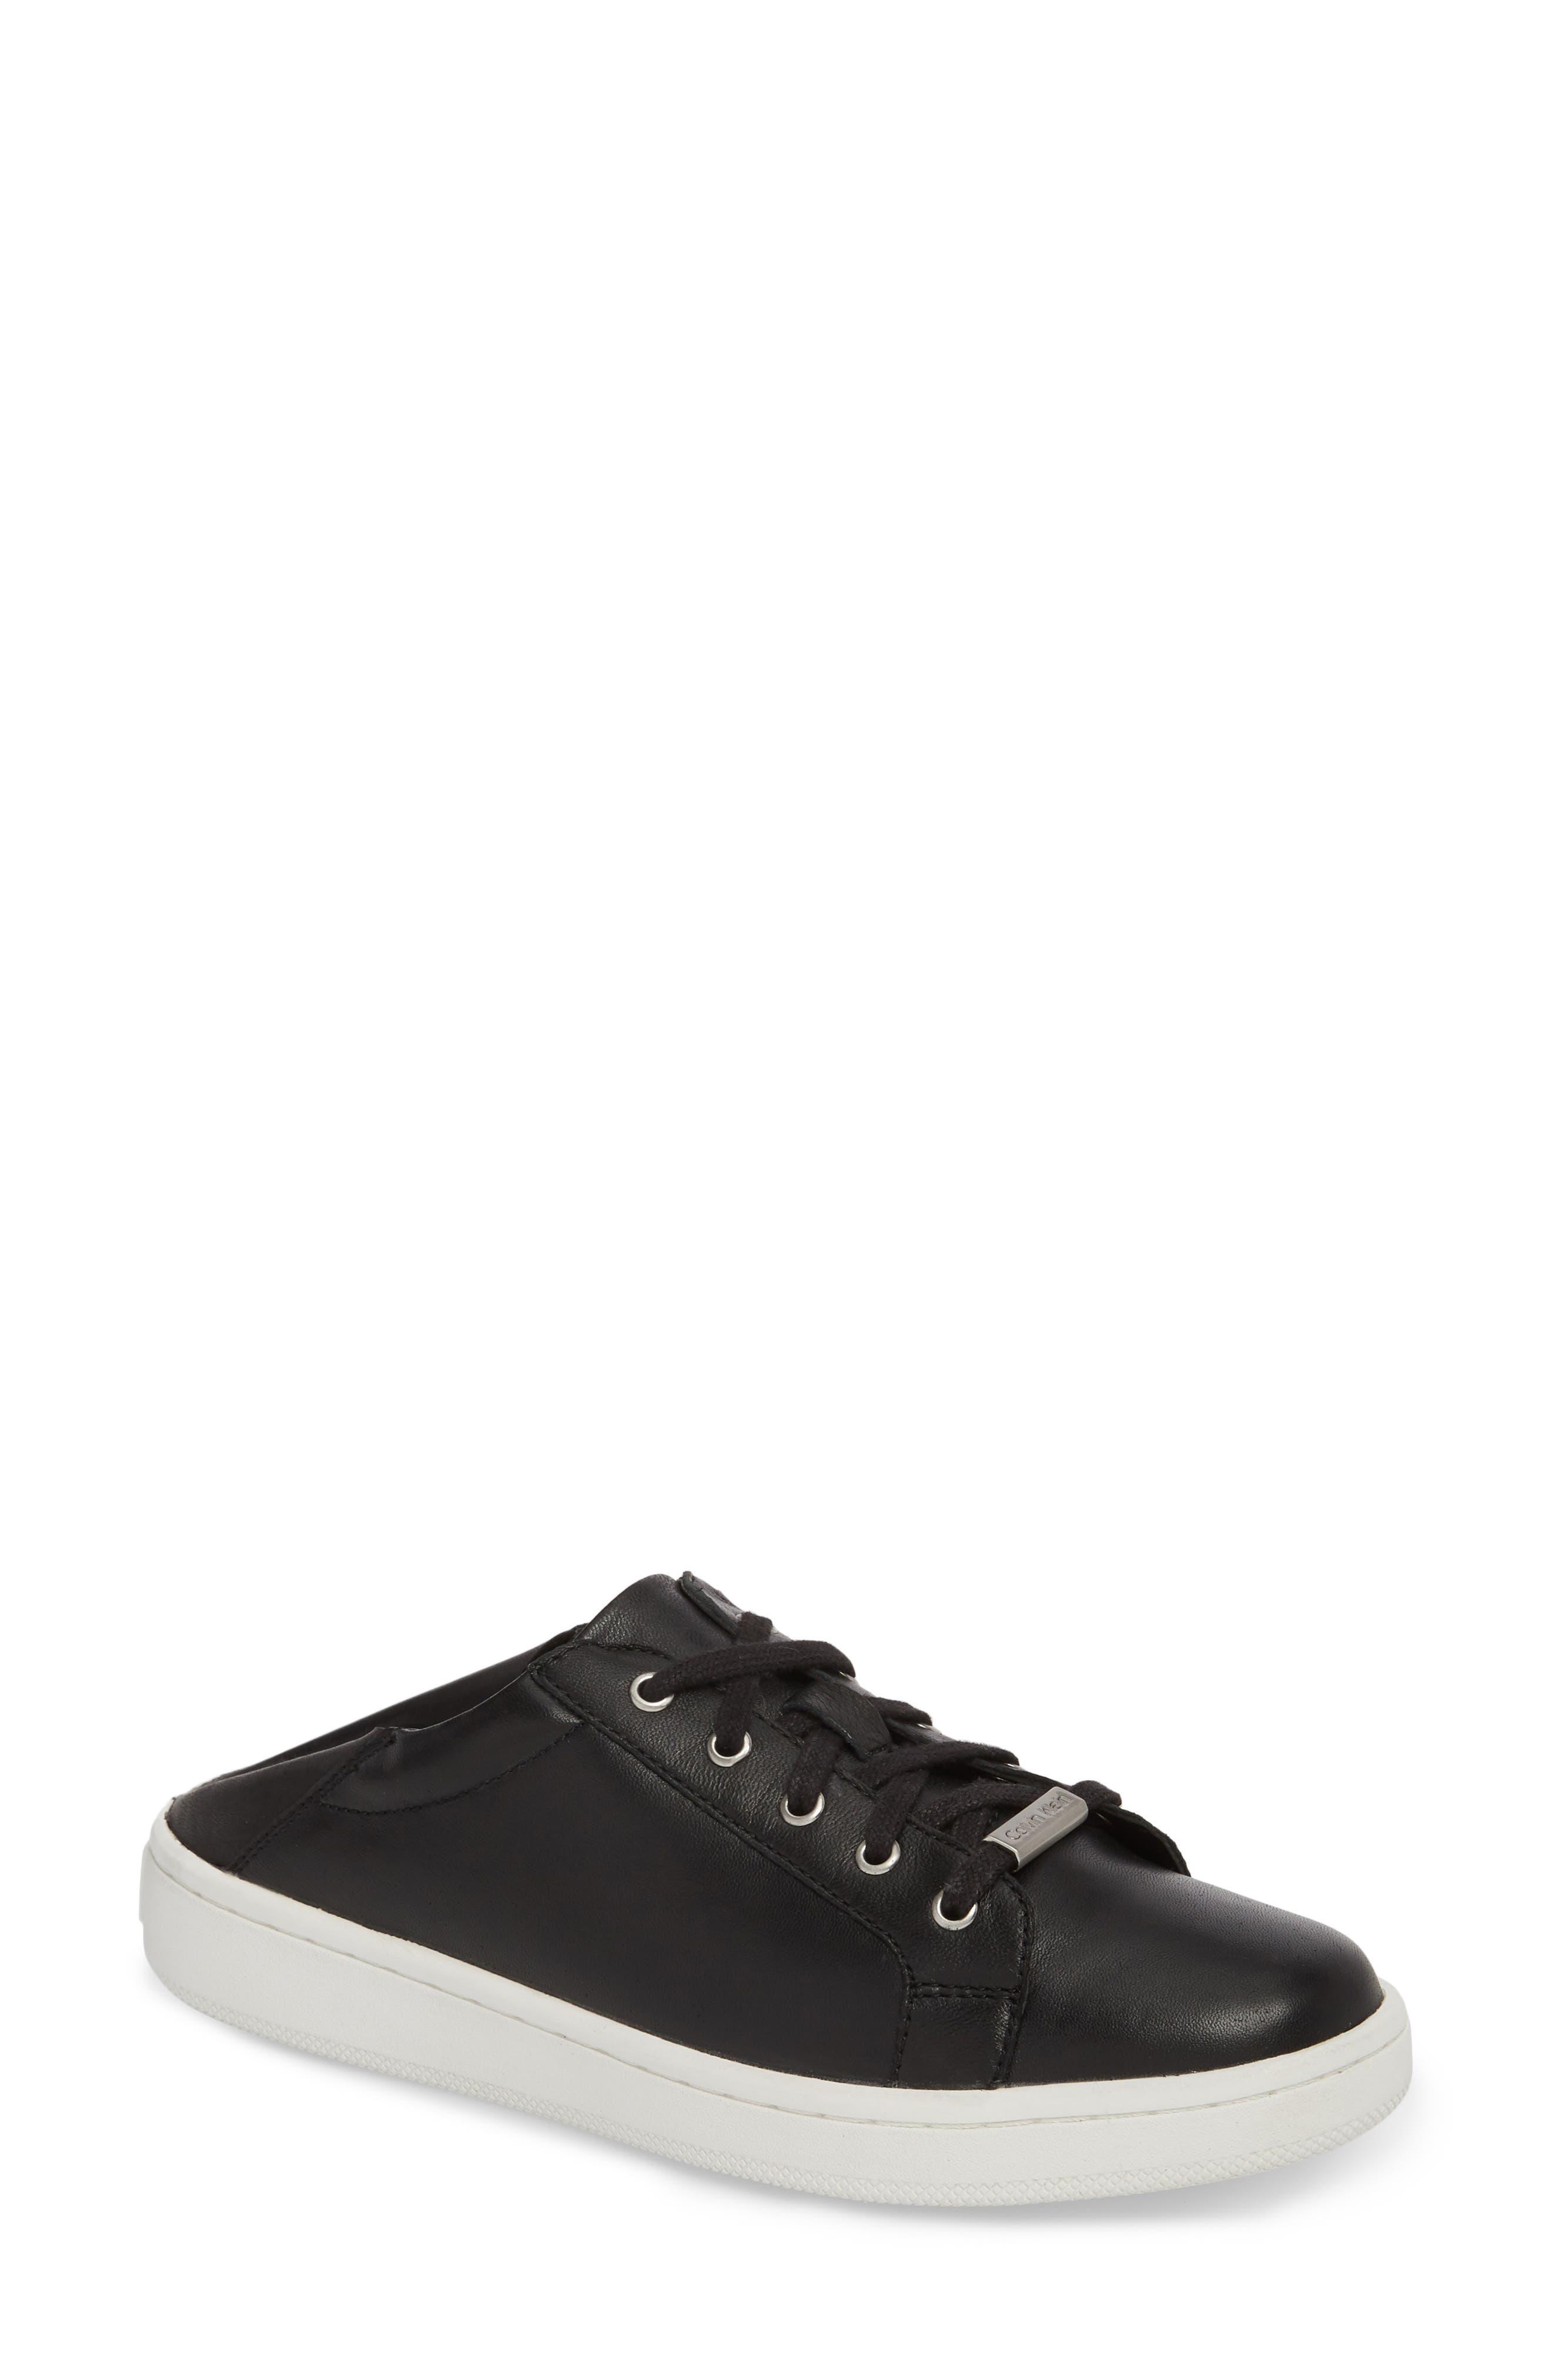 Danica Convertible Sneaker,                             Main thumbnail 1, color,                             004